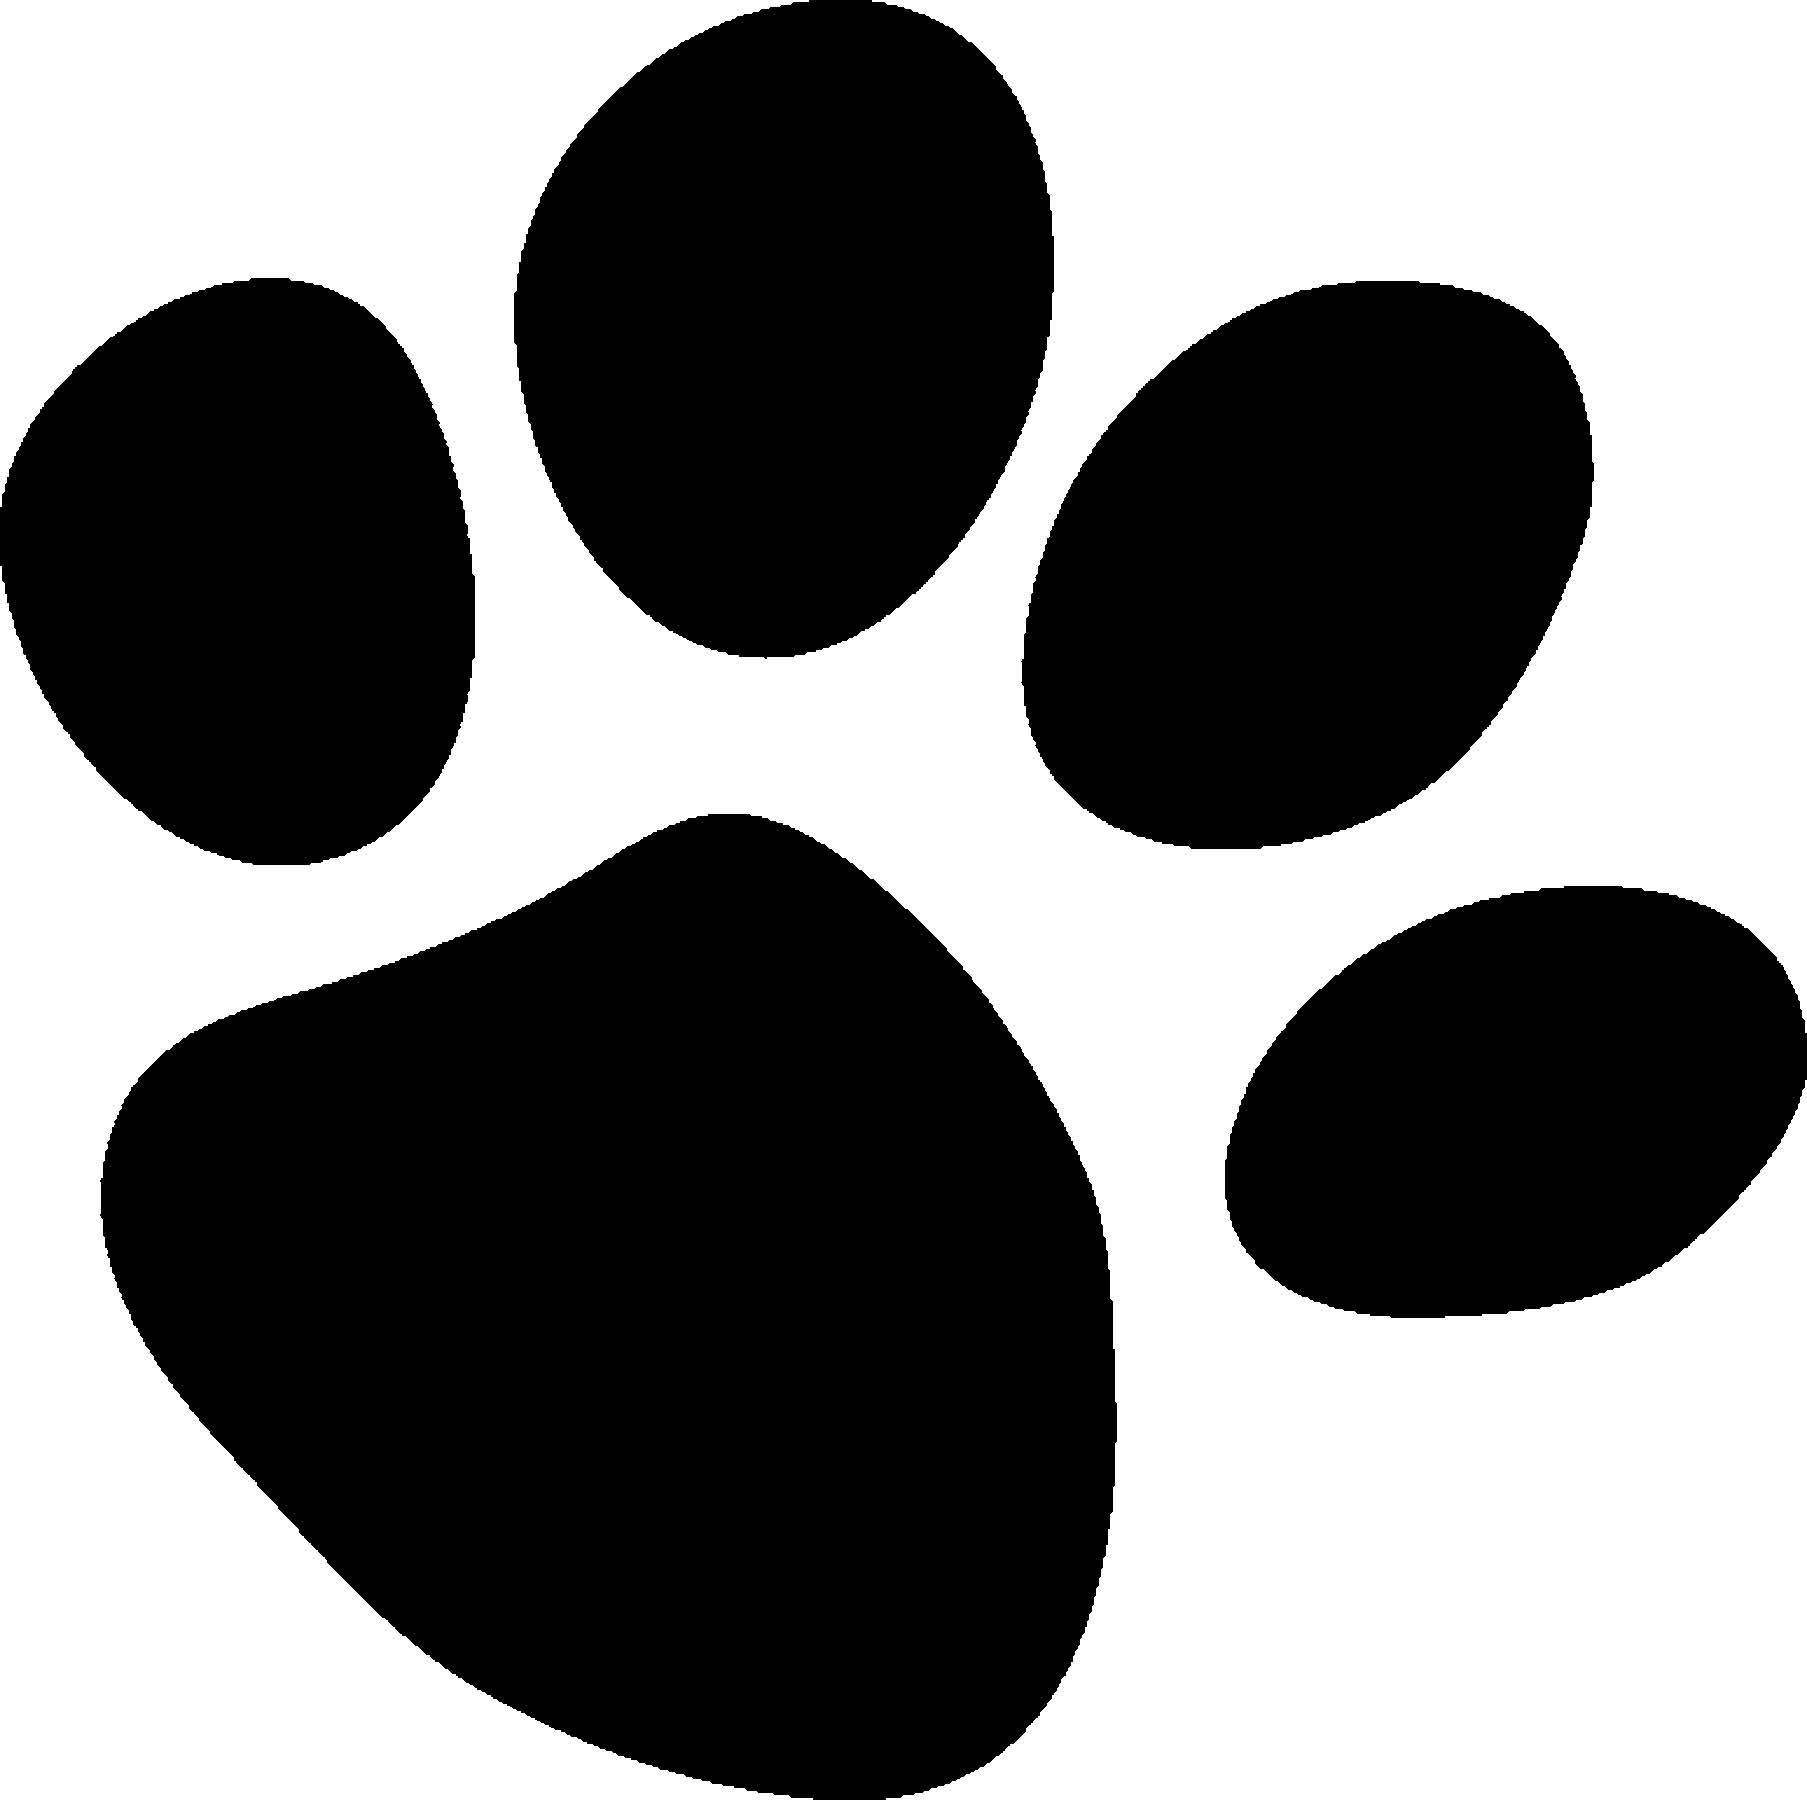 Paw-print logo